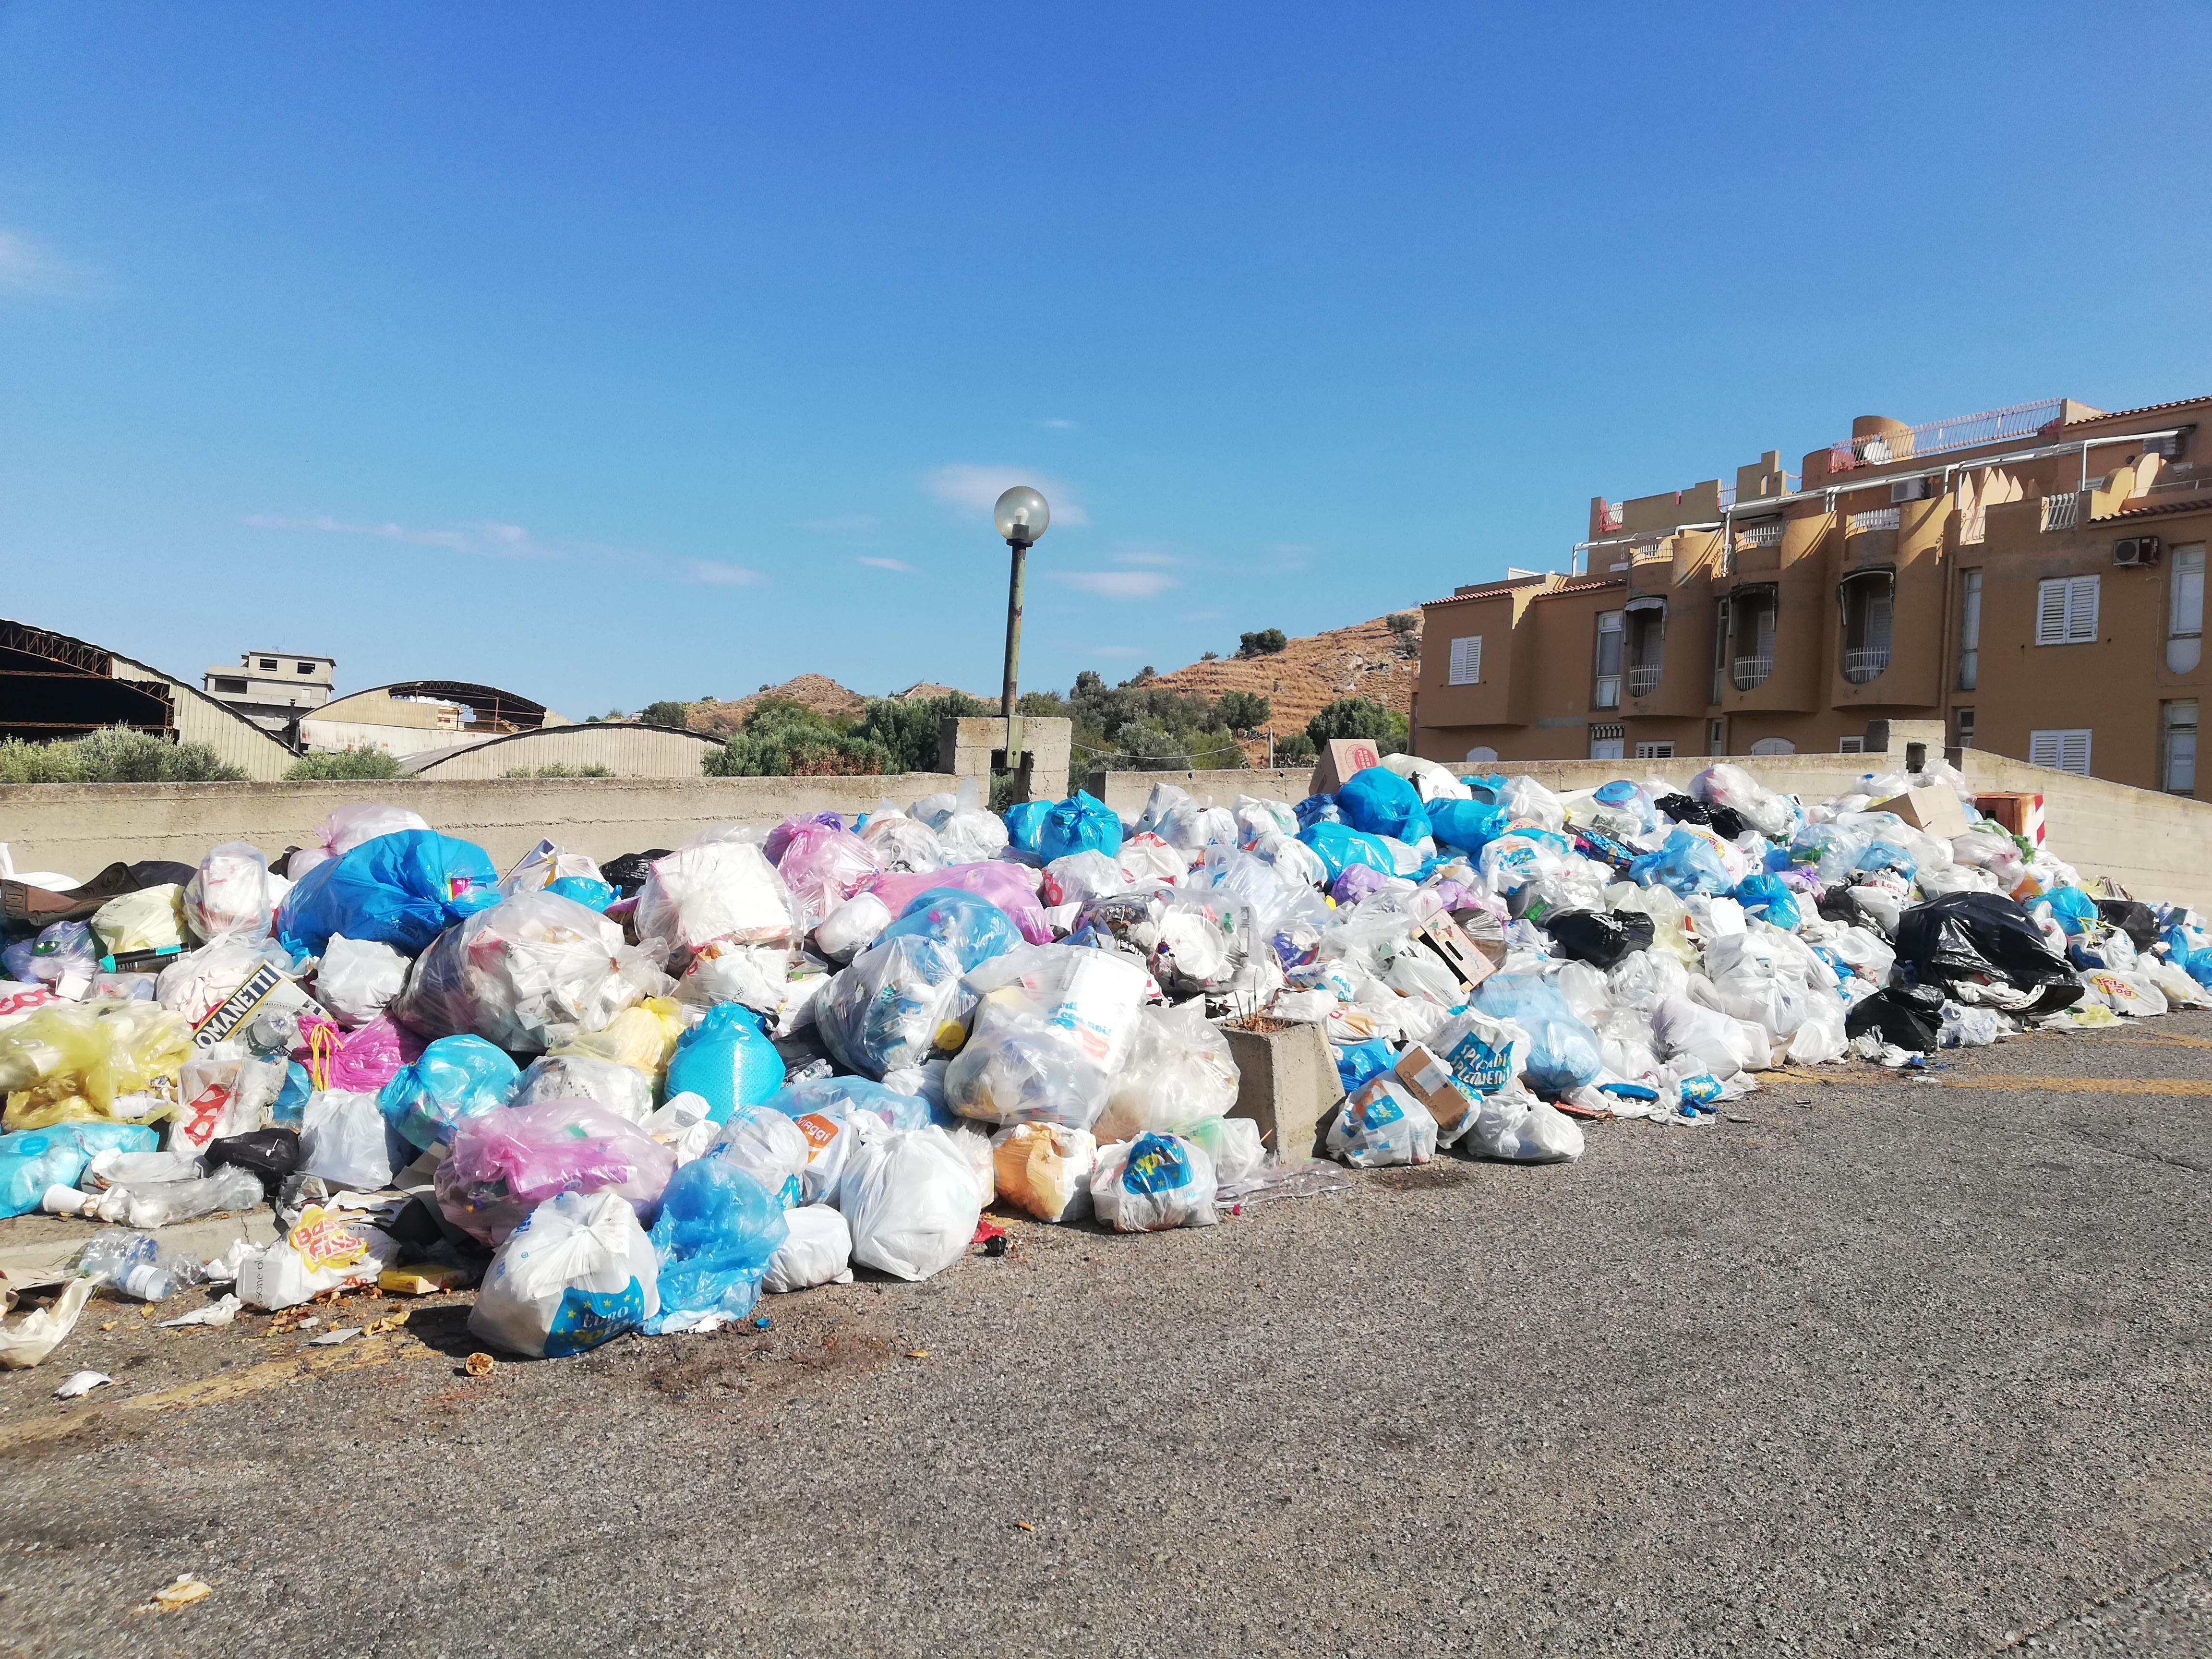 Rifiuti a Reggio Calabria, confronto pubblico tra i candidati al Parco Ecolandia